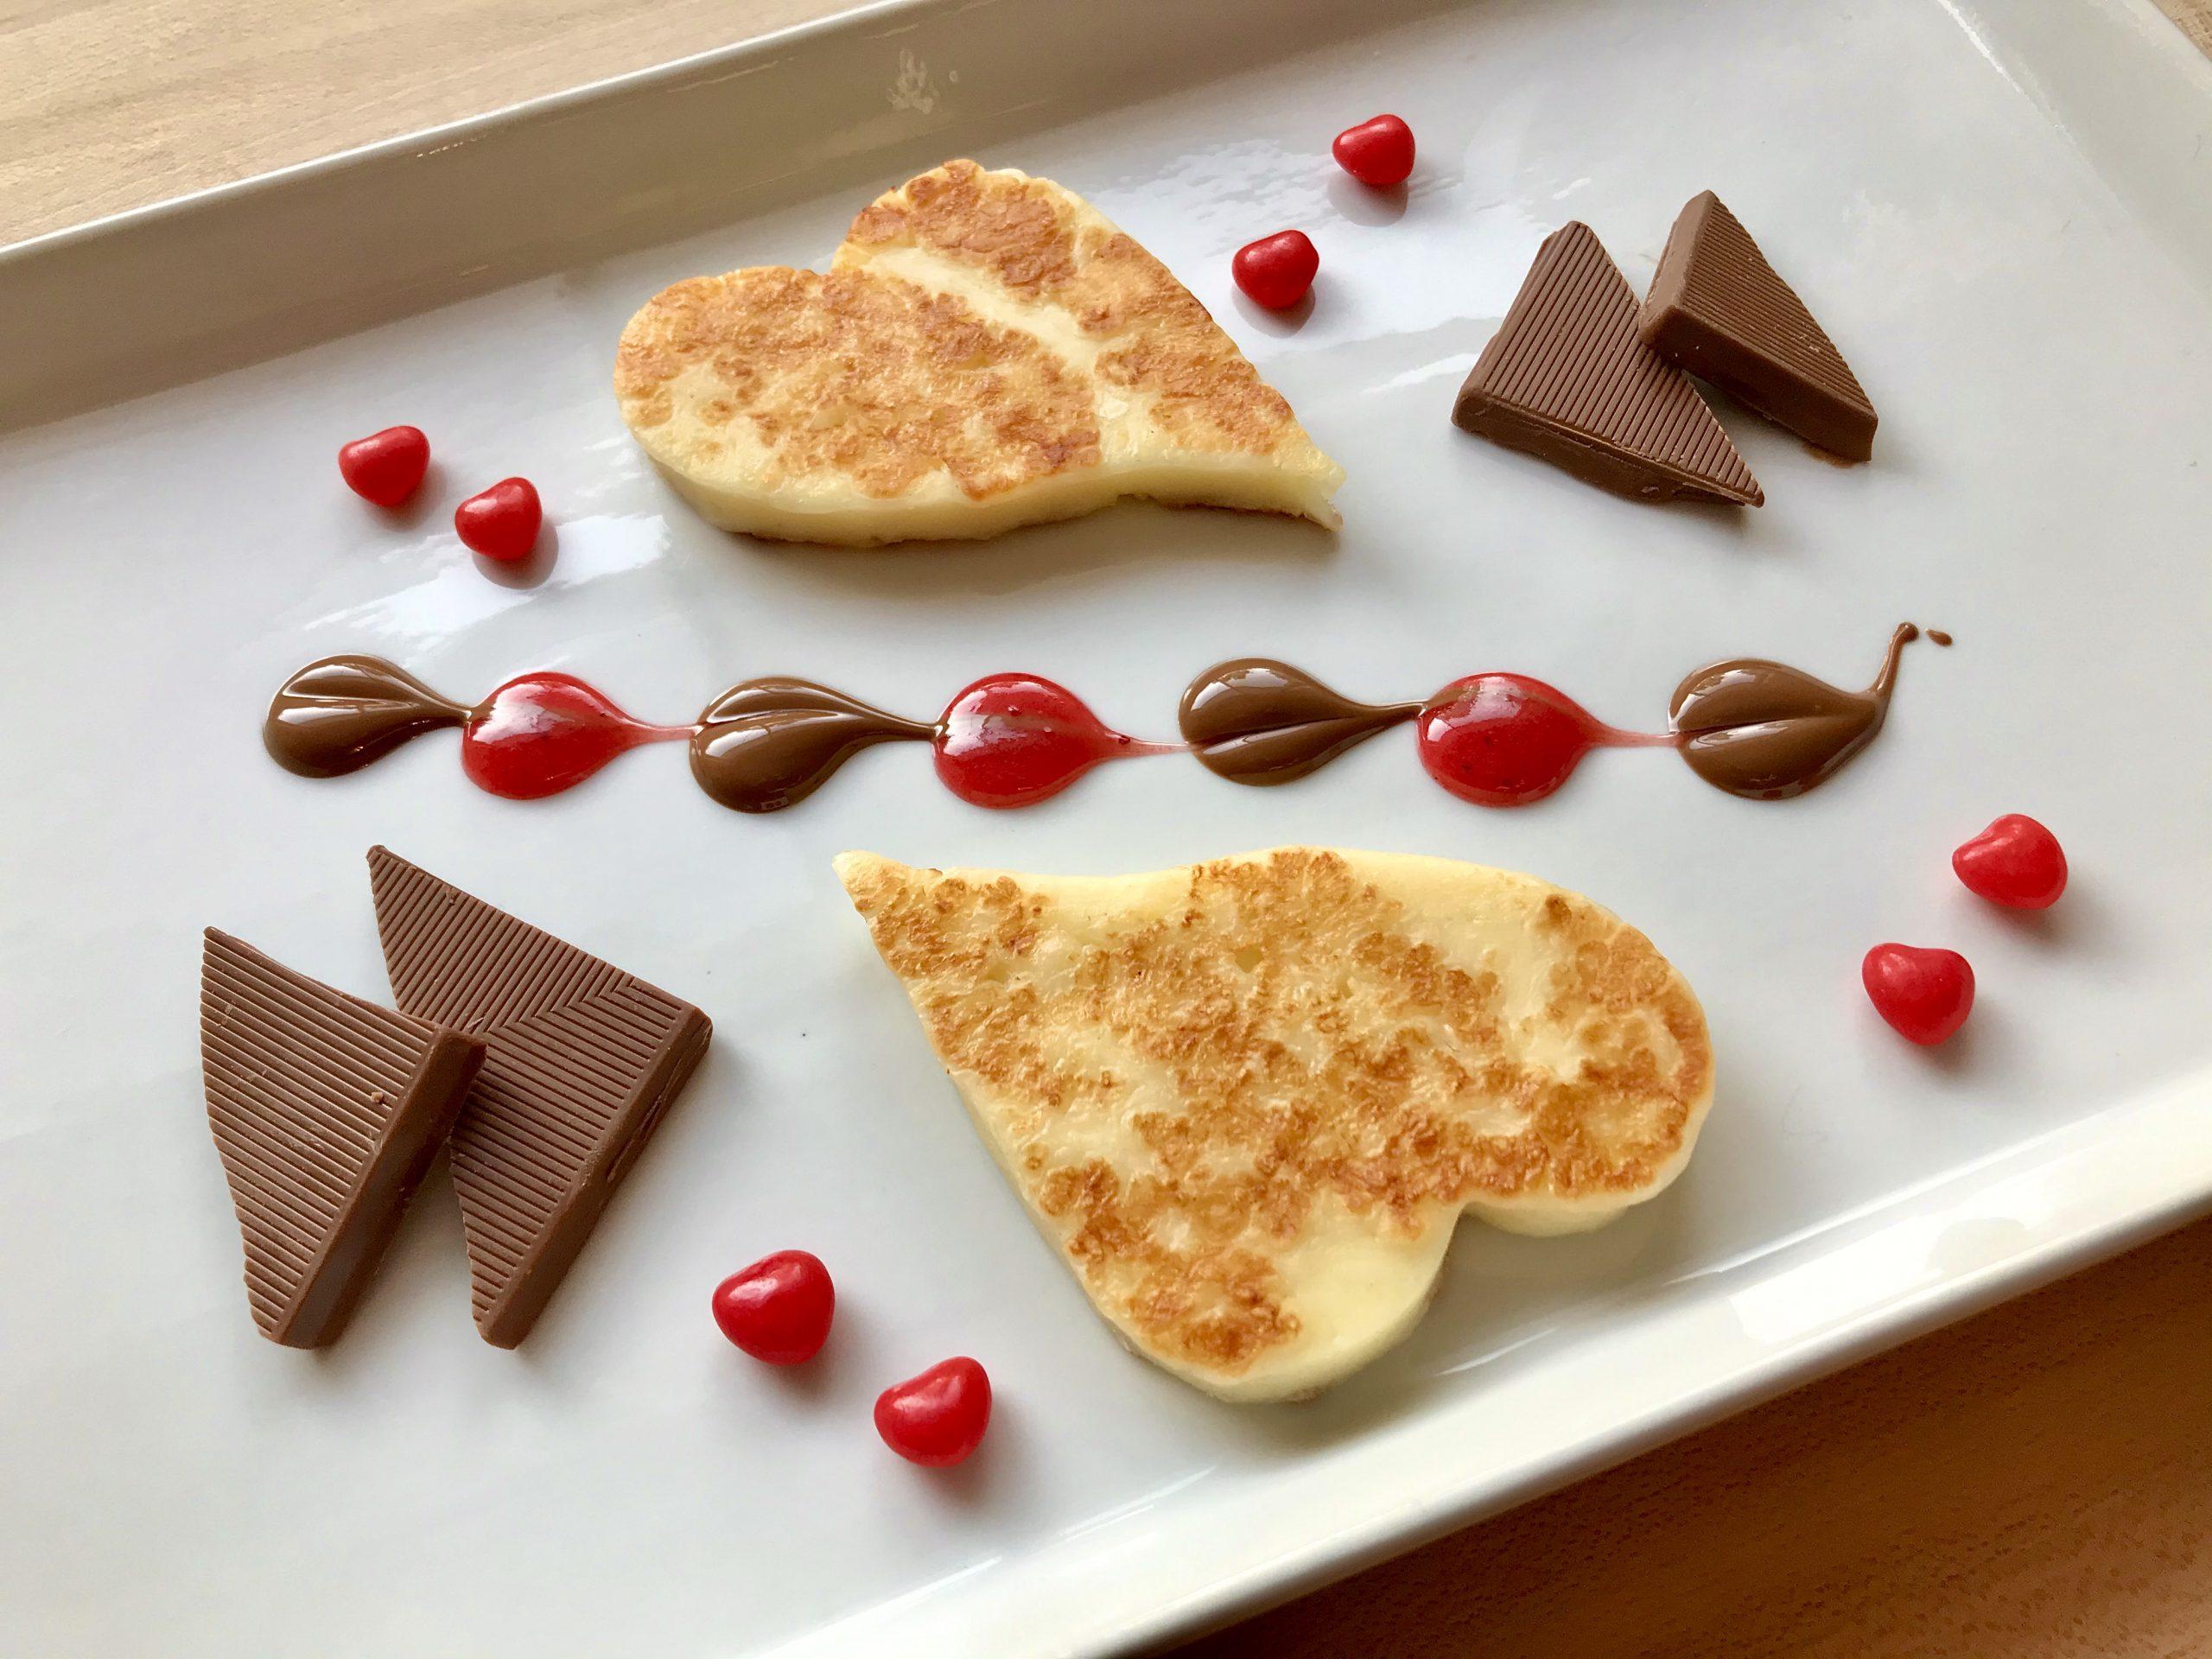 Fromages en forme de cœur avec des morçeaux de chocolat